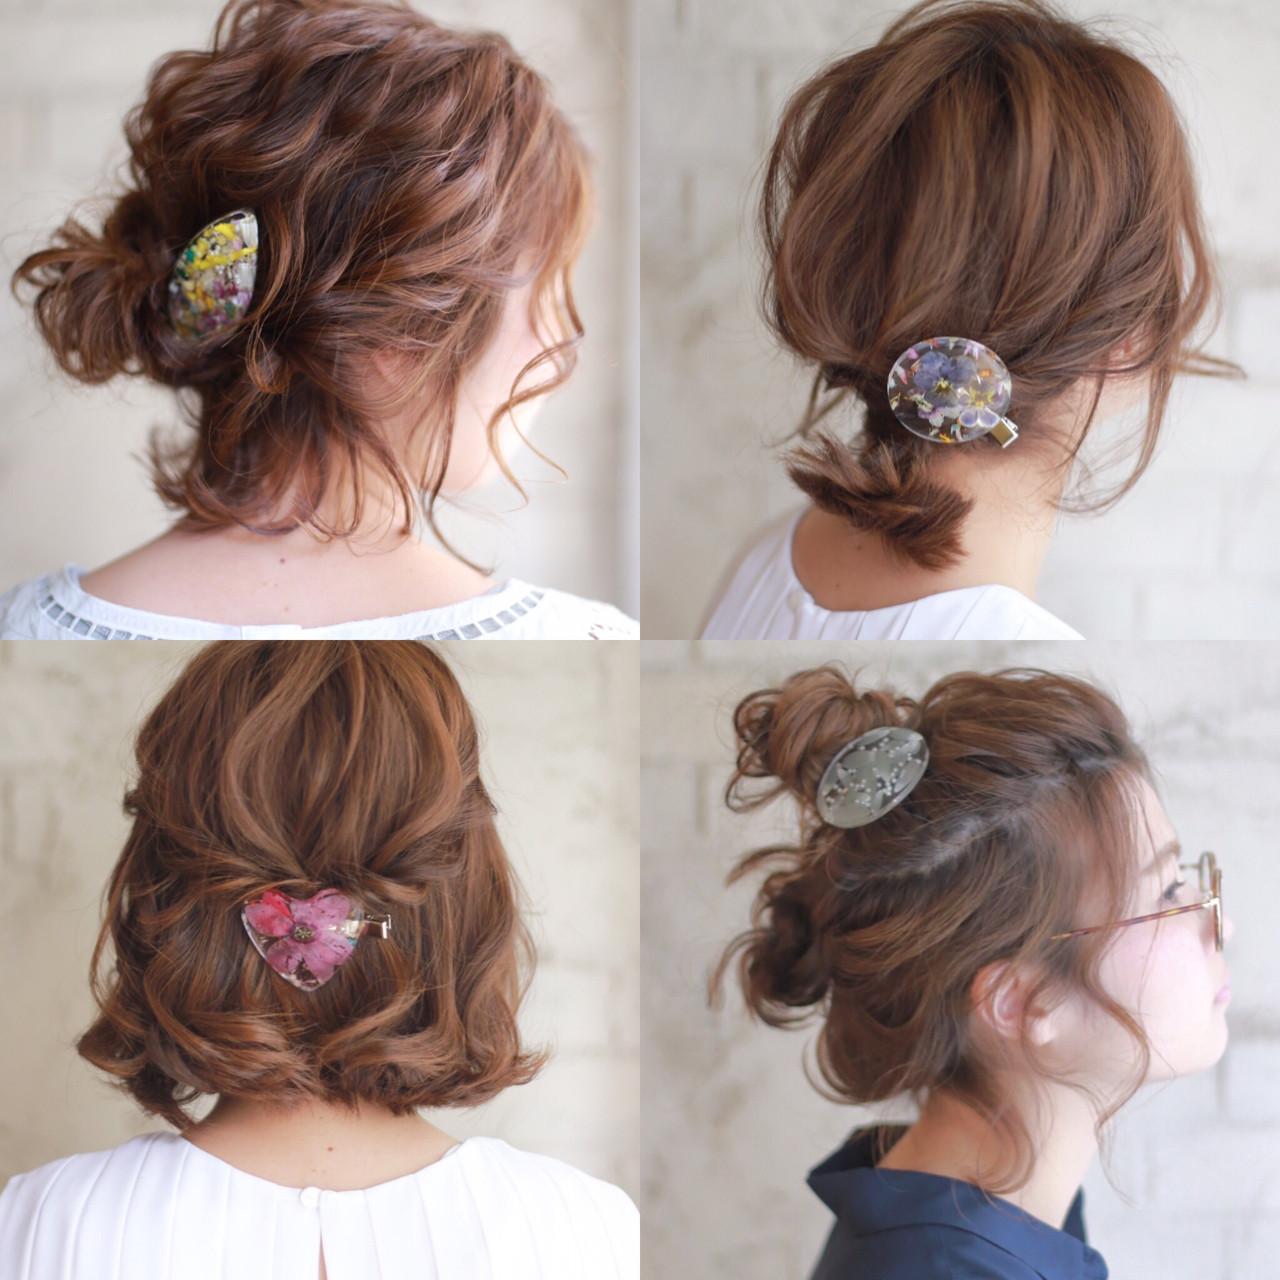 ボブ ゆるふわ 簡単ヘアアレンジ ショート ヘアスタイルや髪型の写真・画像 | 谷本将太 nalu hair / nalu hair  (ナルーヘアー)